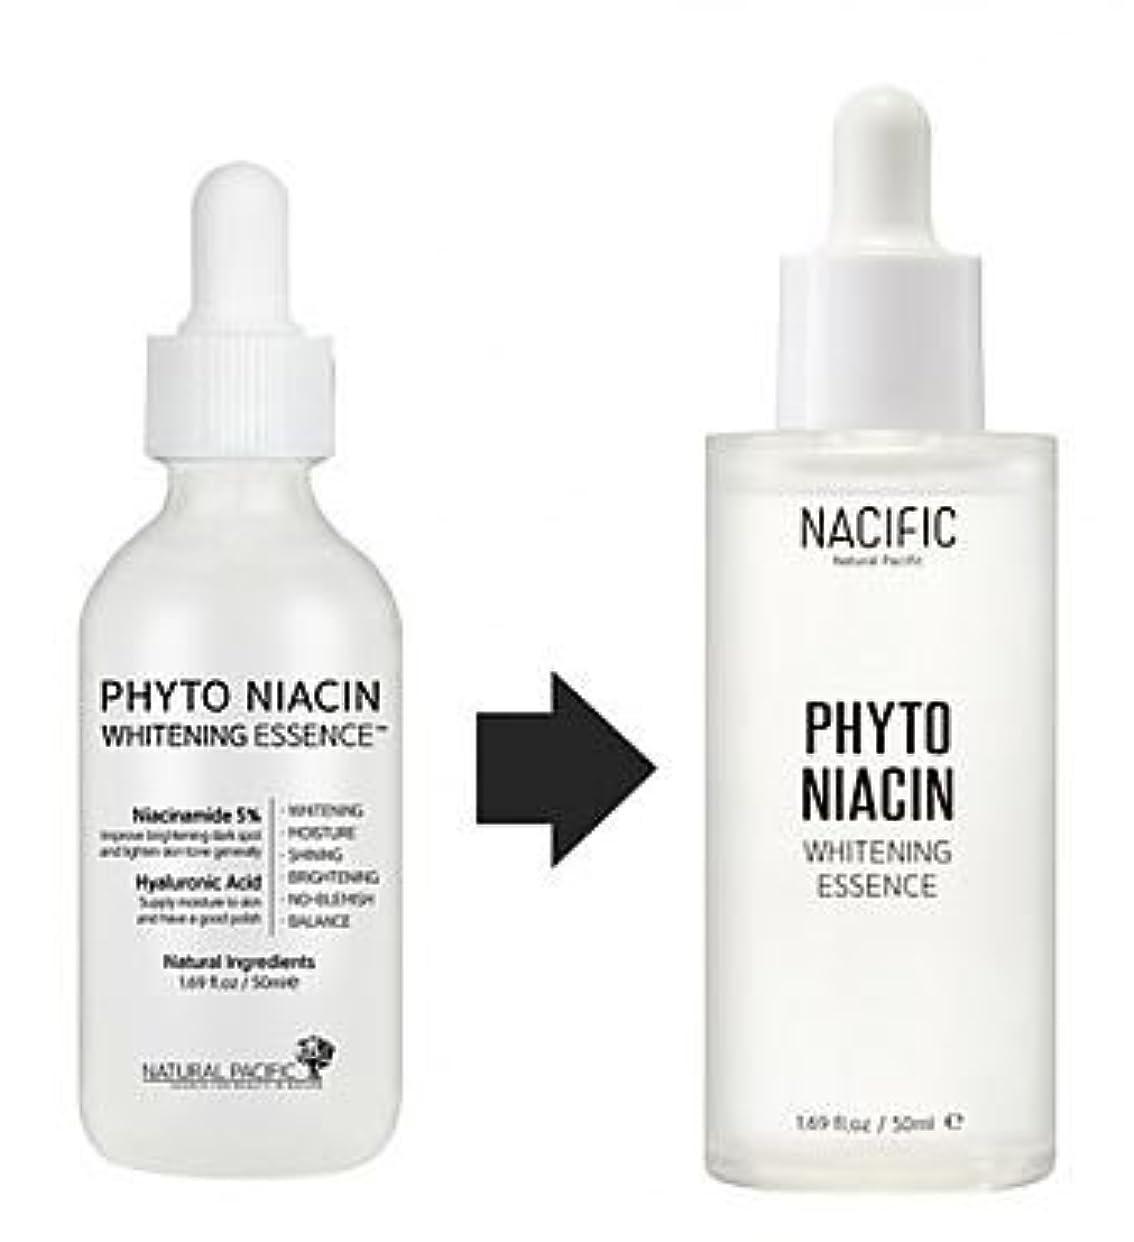 故障中実用的薄汚い[NACIFIC]Phyto Niacin Whitening Essence 50ml/ナチュラルパシフィック フィト ナイアシン ホワイトニング エッセンス 50ml [並行輸入品]